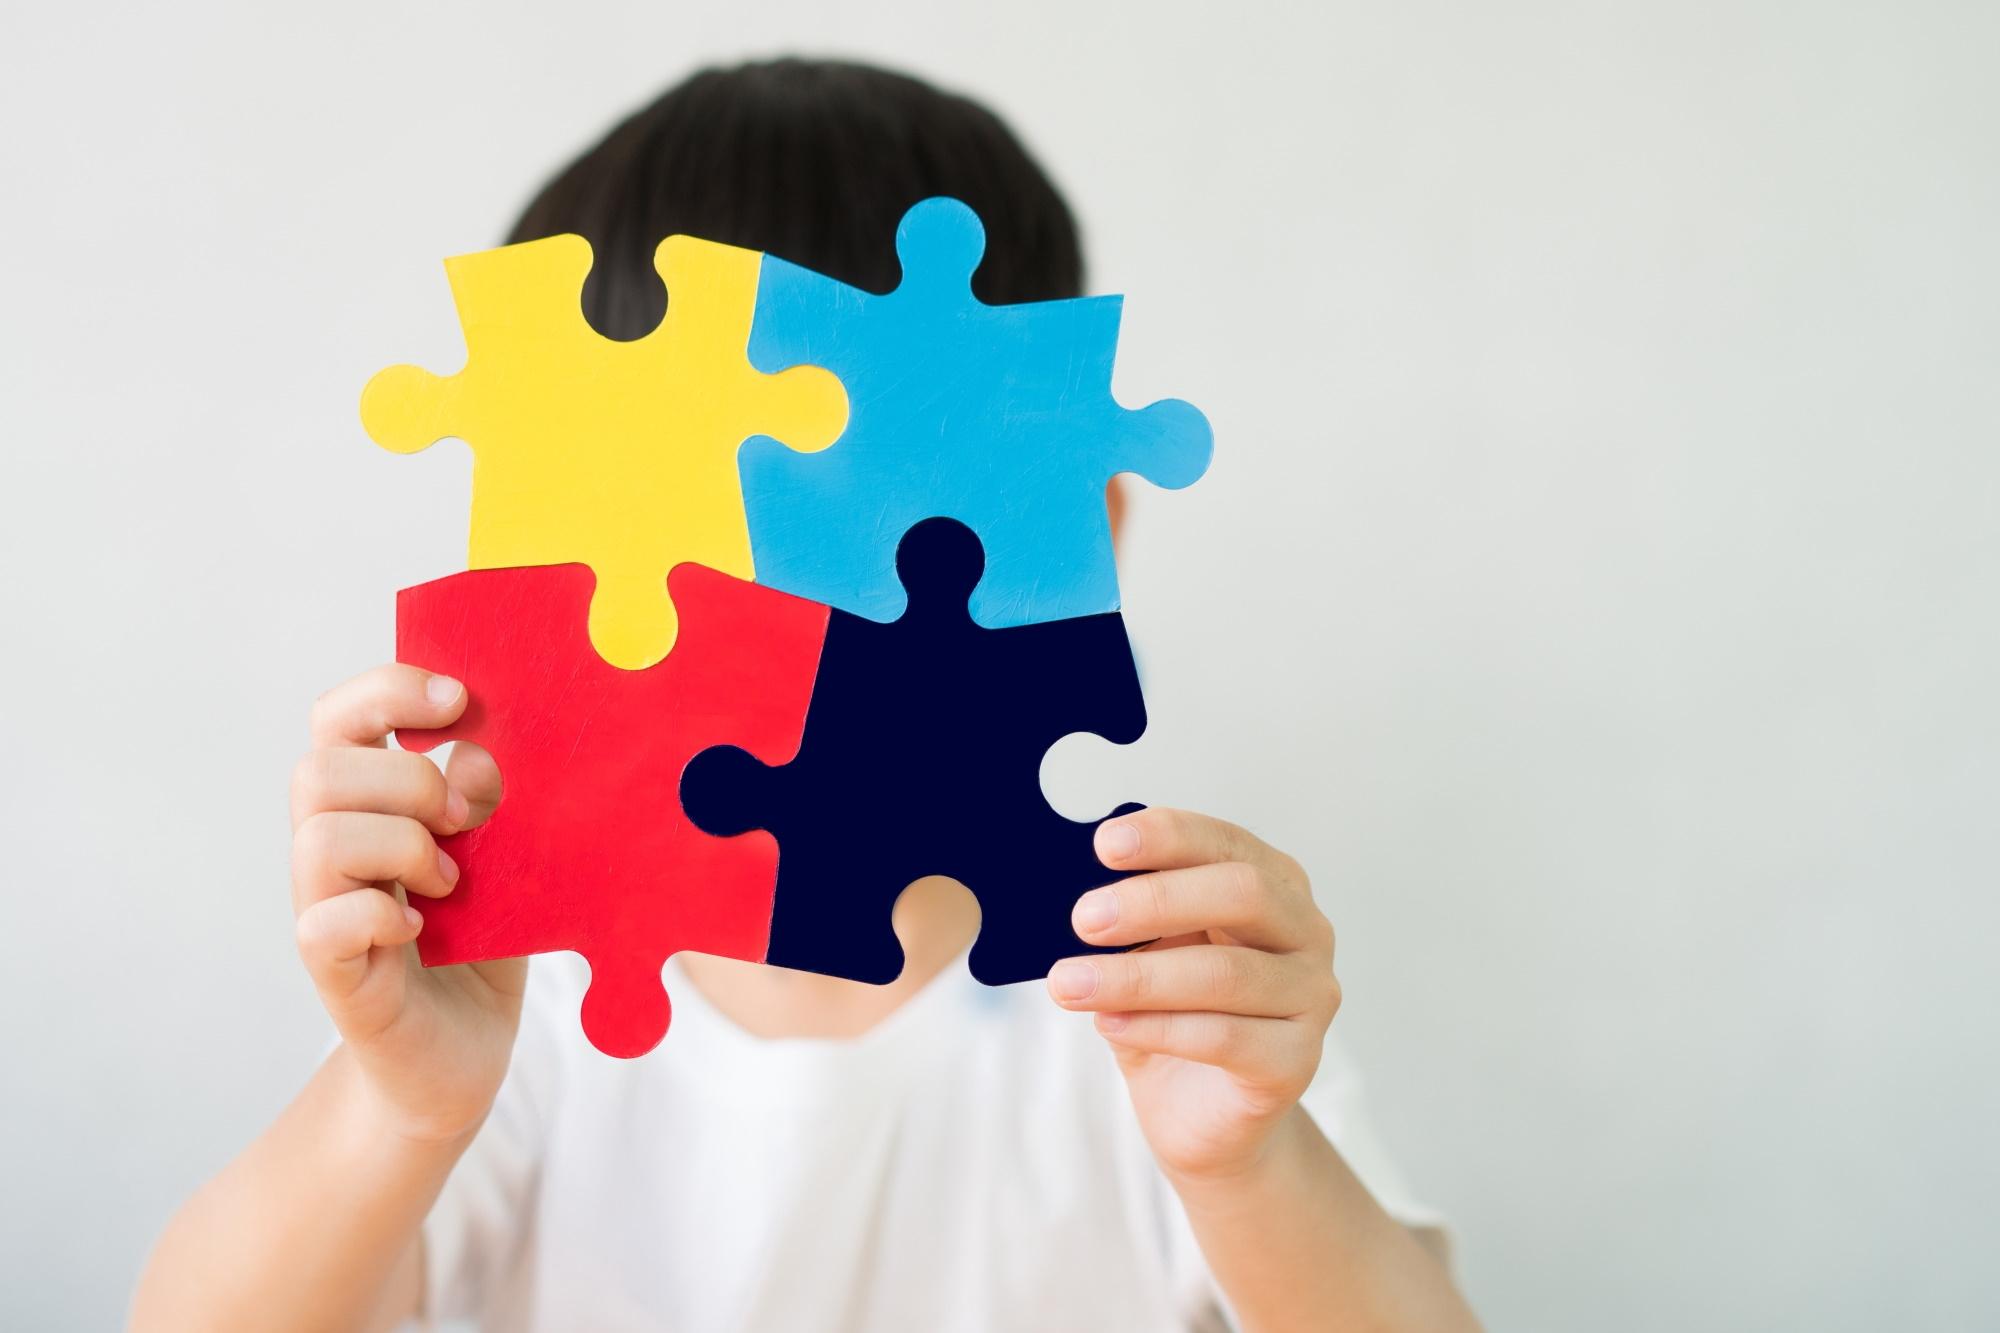 Kombinovana terapija oksitocinom i psihobiotikom poboljšava simptome autizma pokazuje najnovija klinička studija